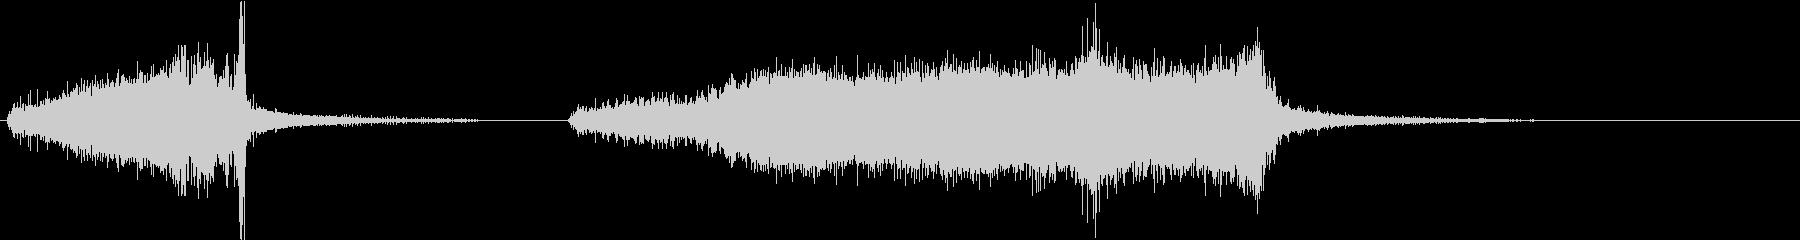 電気ドリル7の未再生の波形